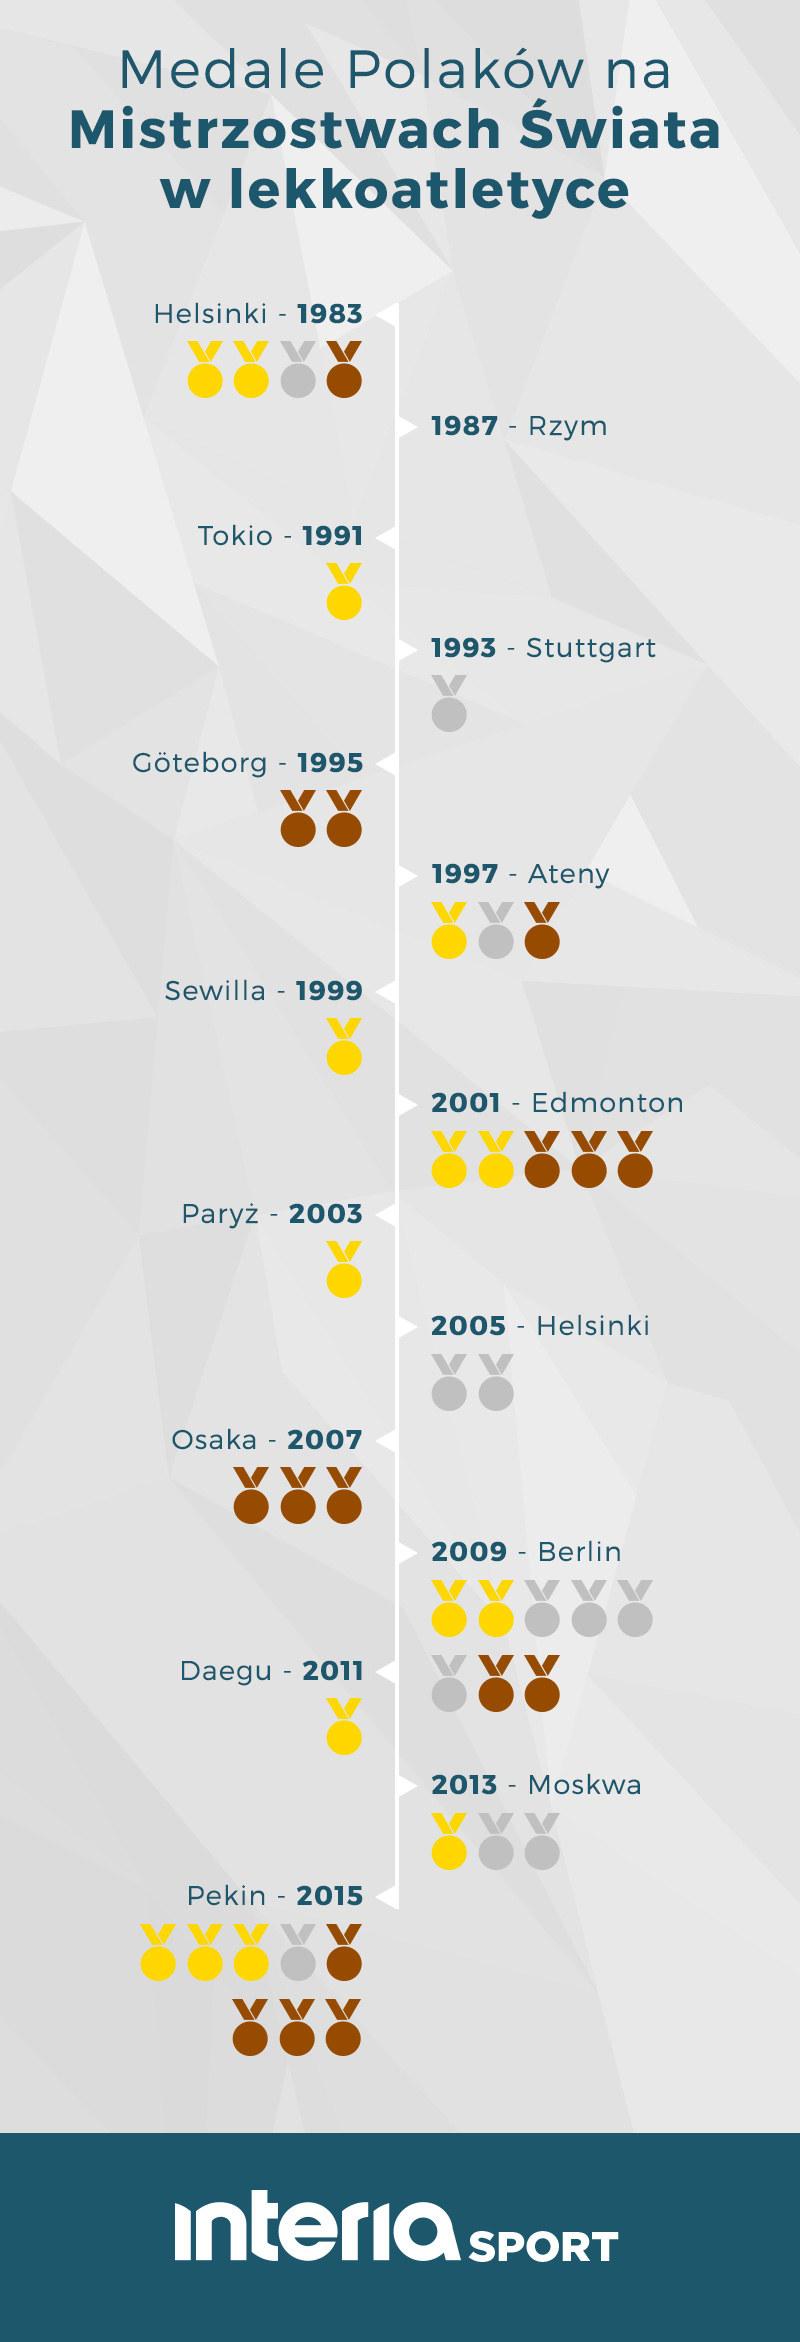 Polskie medale na poprzednich MŚ /INTERIA.PL